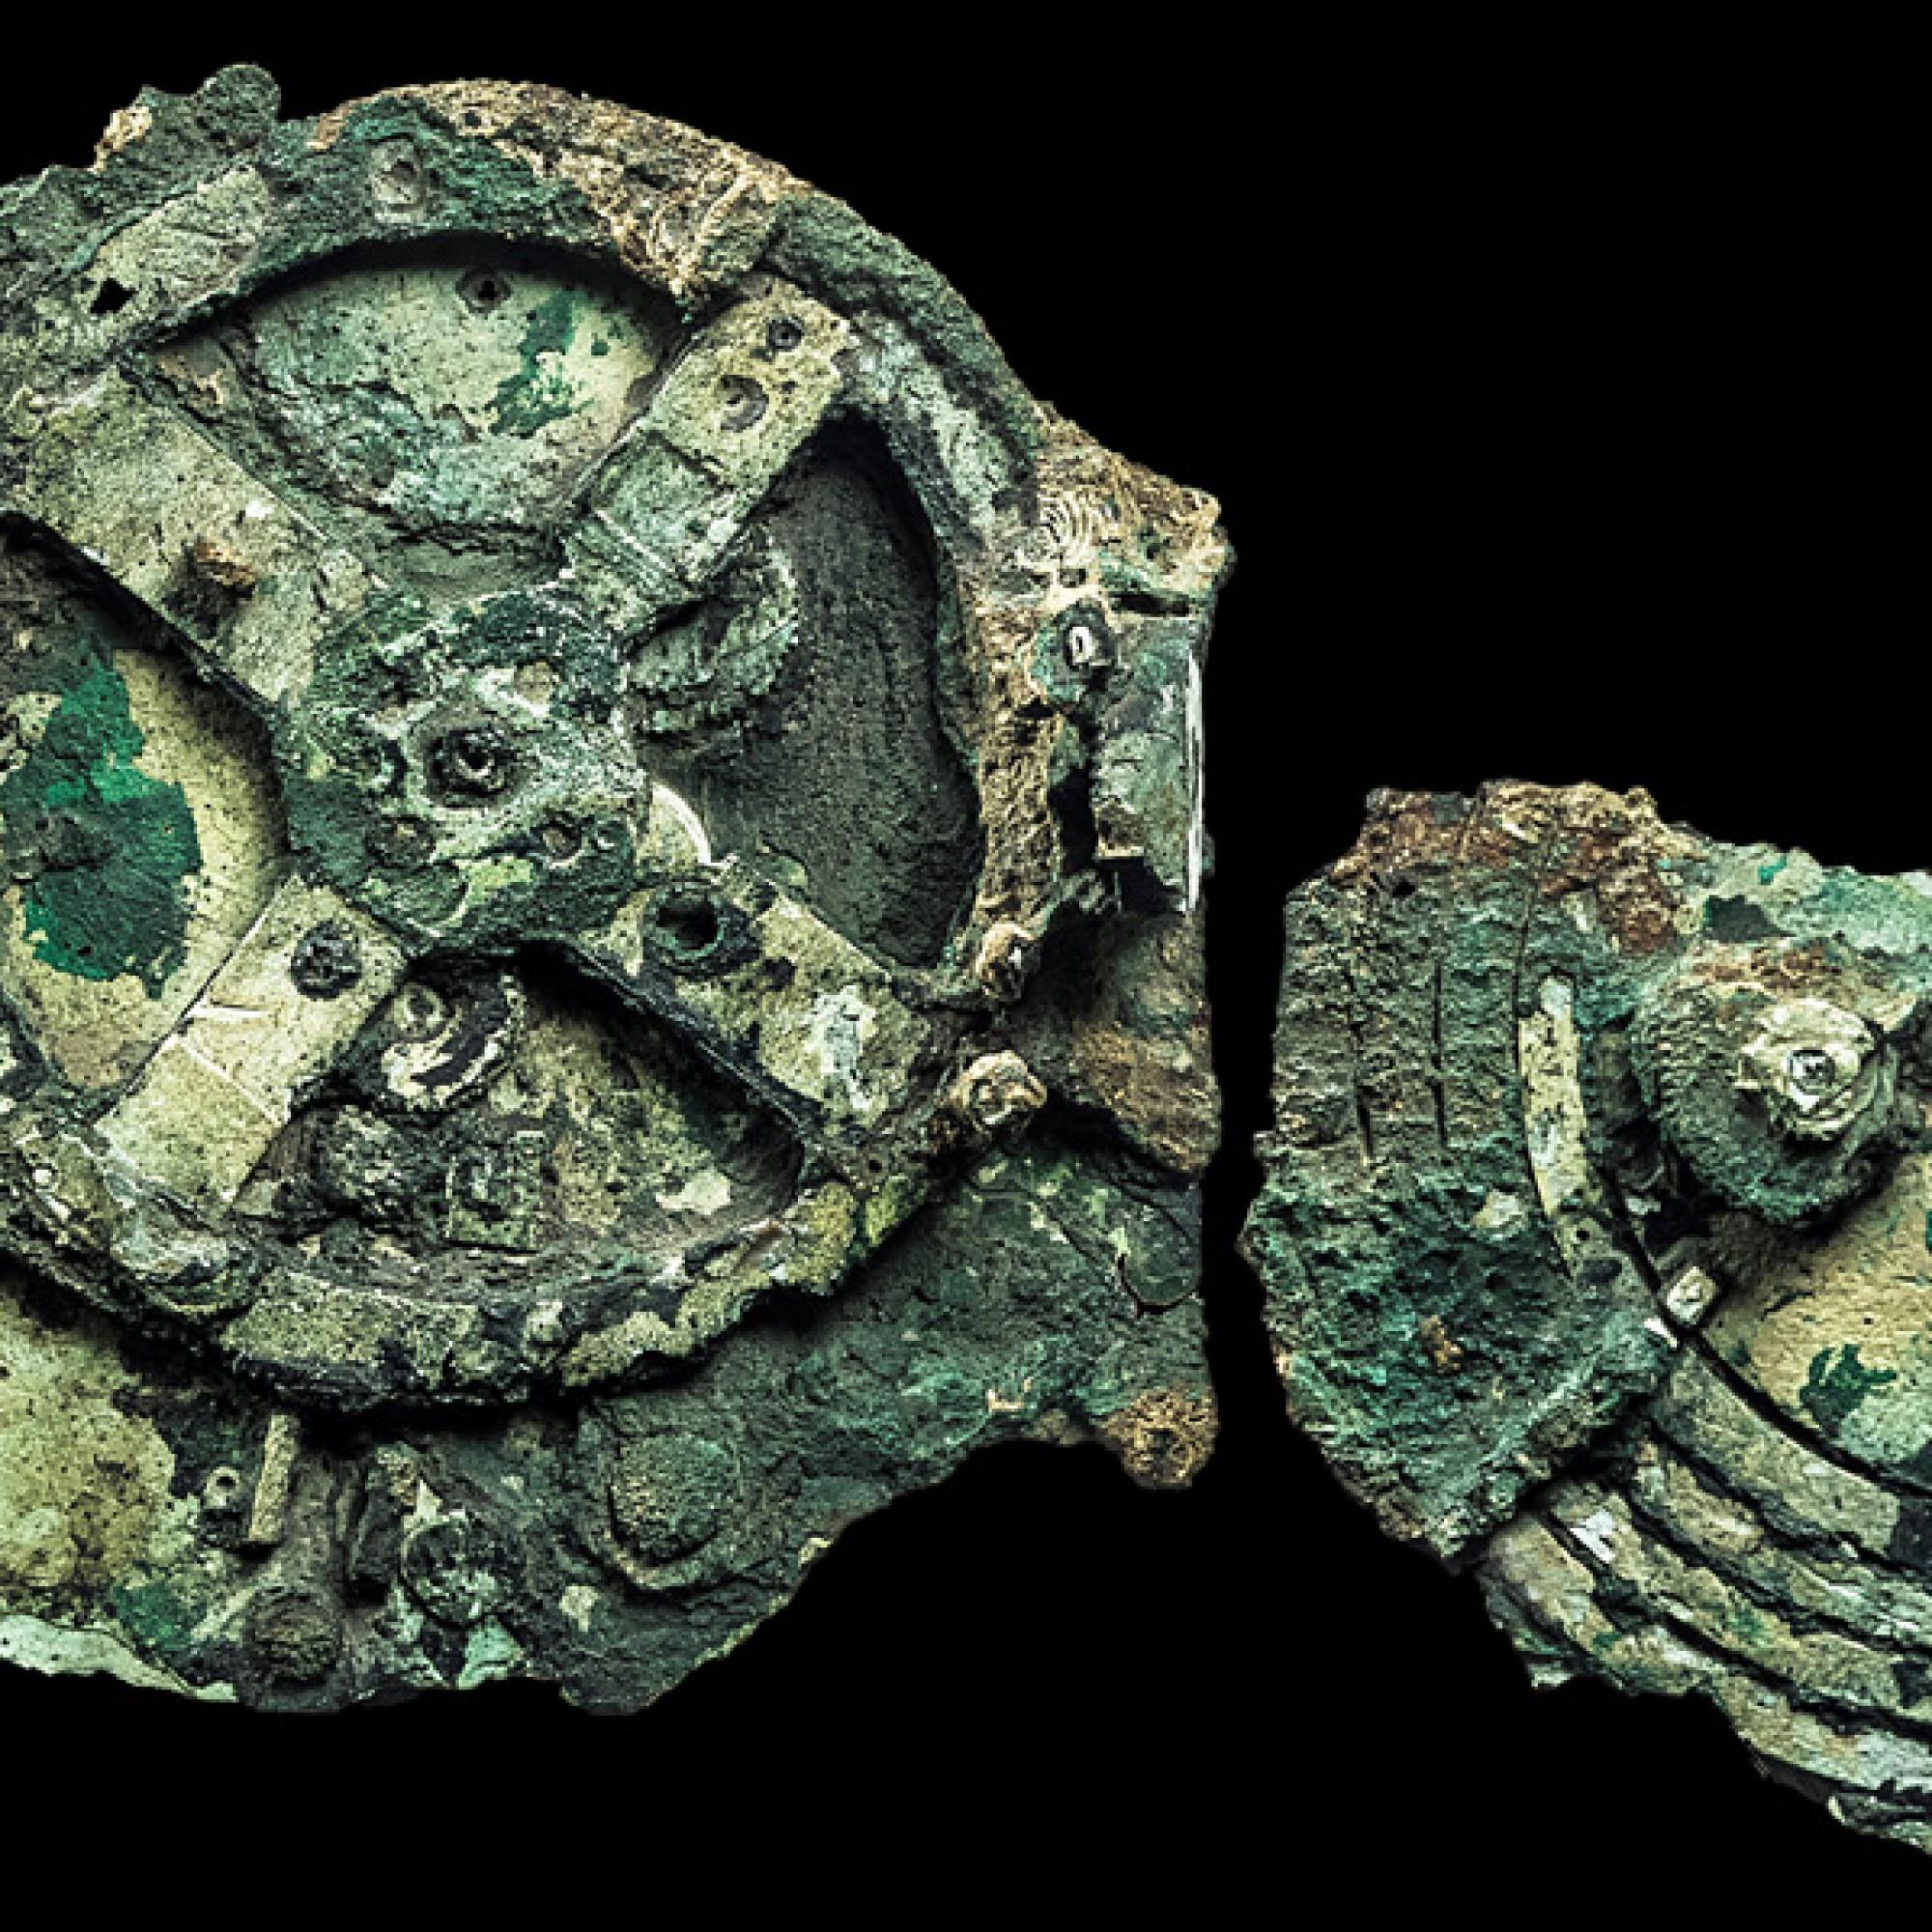 Die Überreste des sogenannten Mechanismus von Antikythera. In Basel sind nur Nachbauten und eine Replik zu sehen, weil der Transport des Originals zu riskant ist. (K. Xenikakis, Nationales Archäologie-Museum Athen)